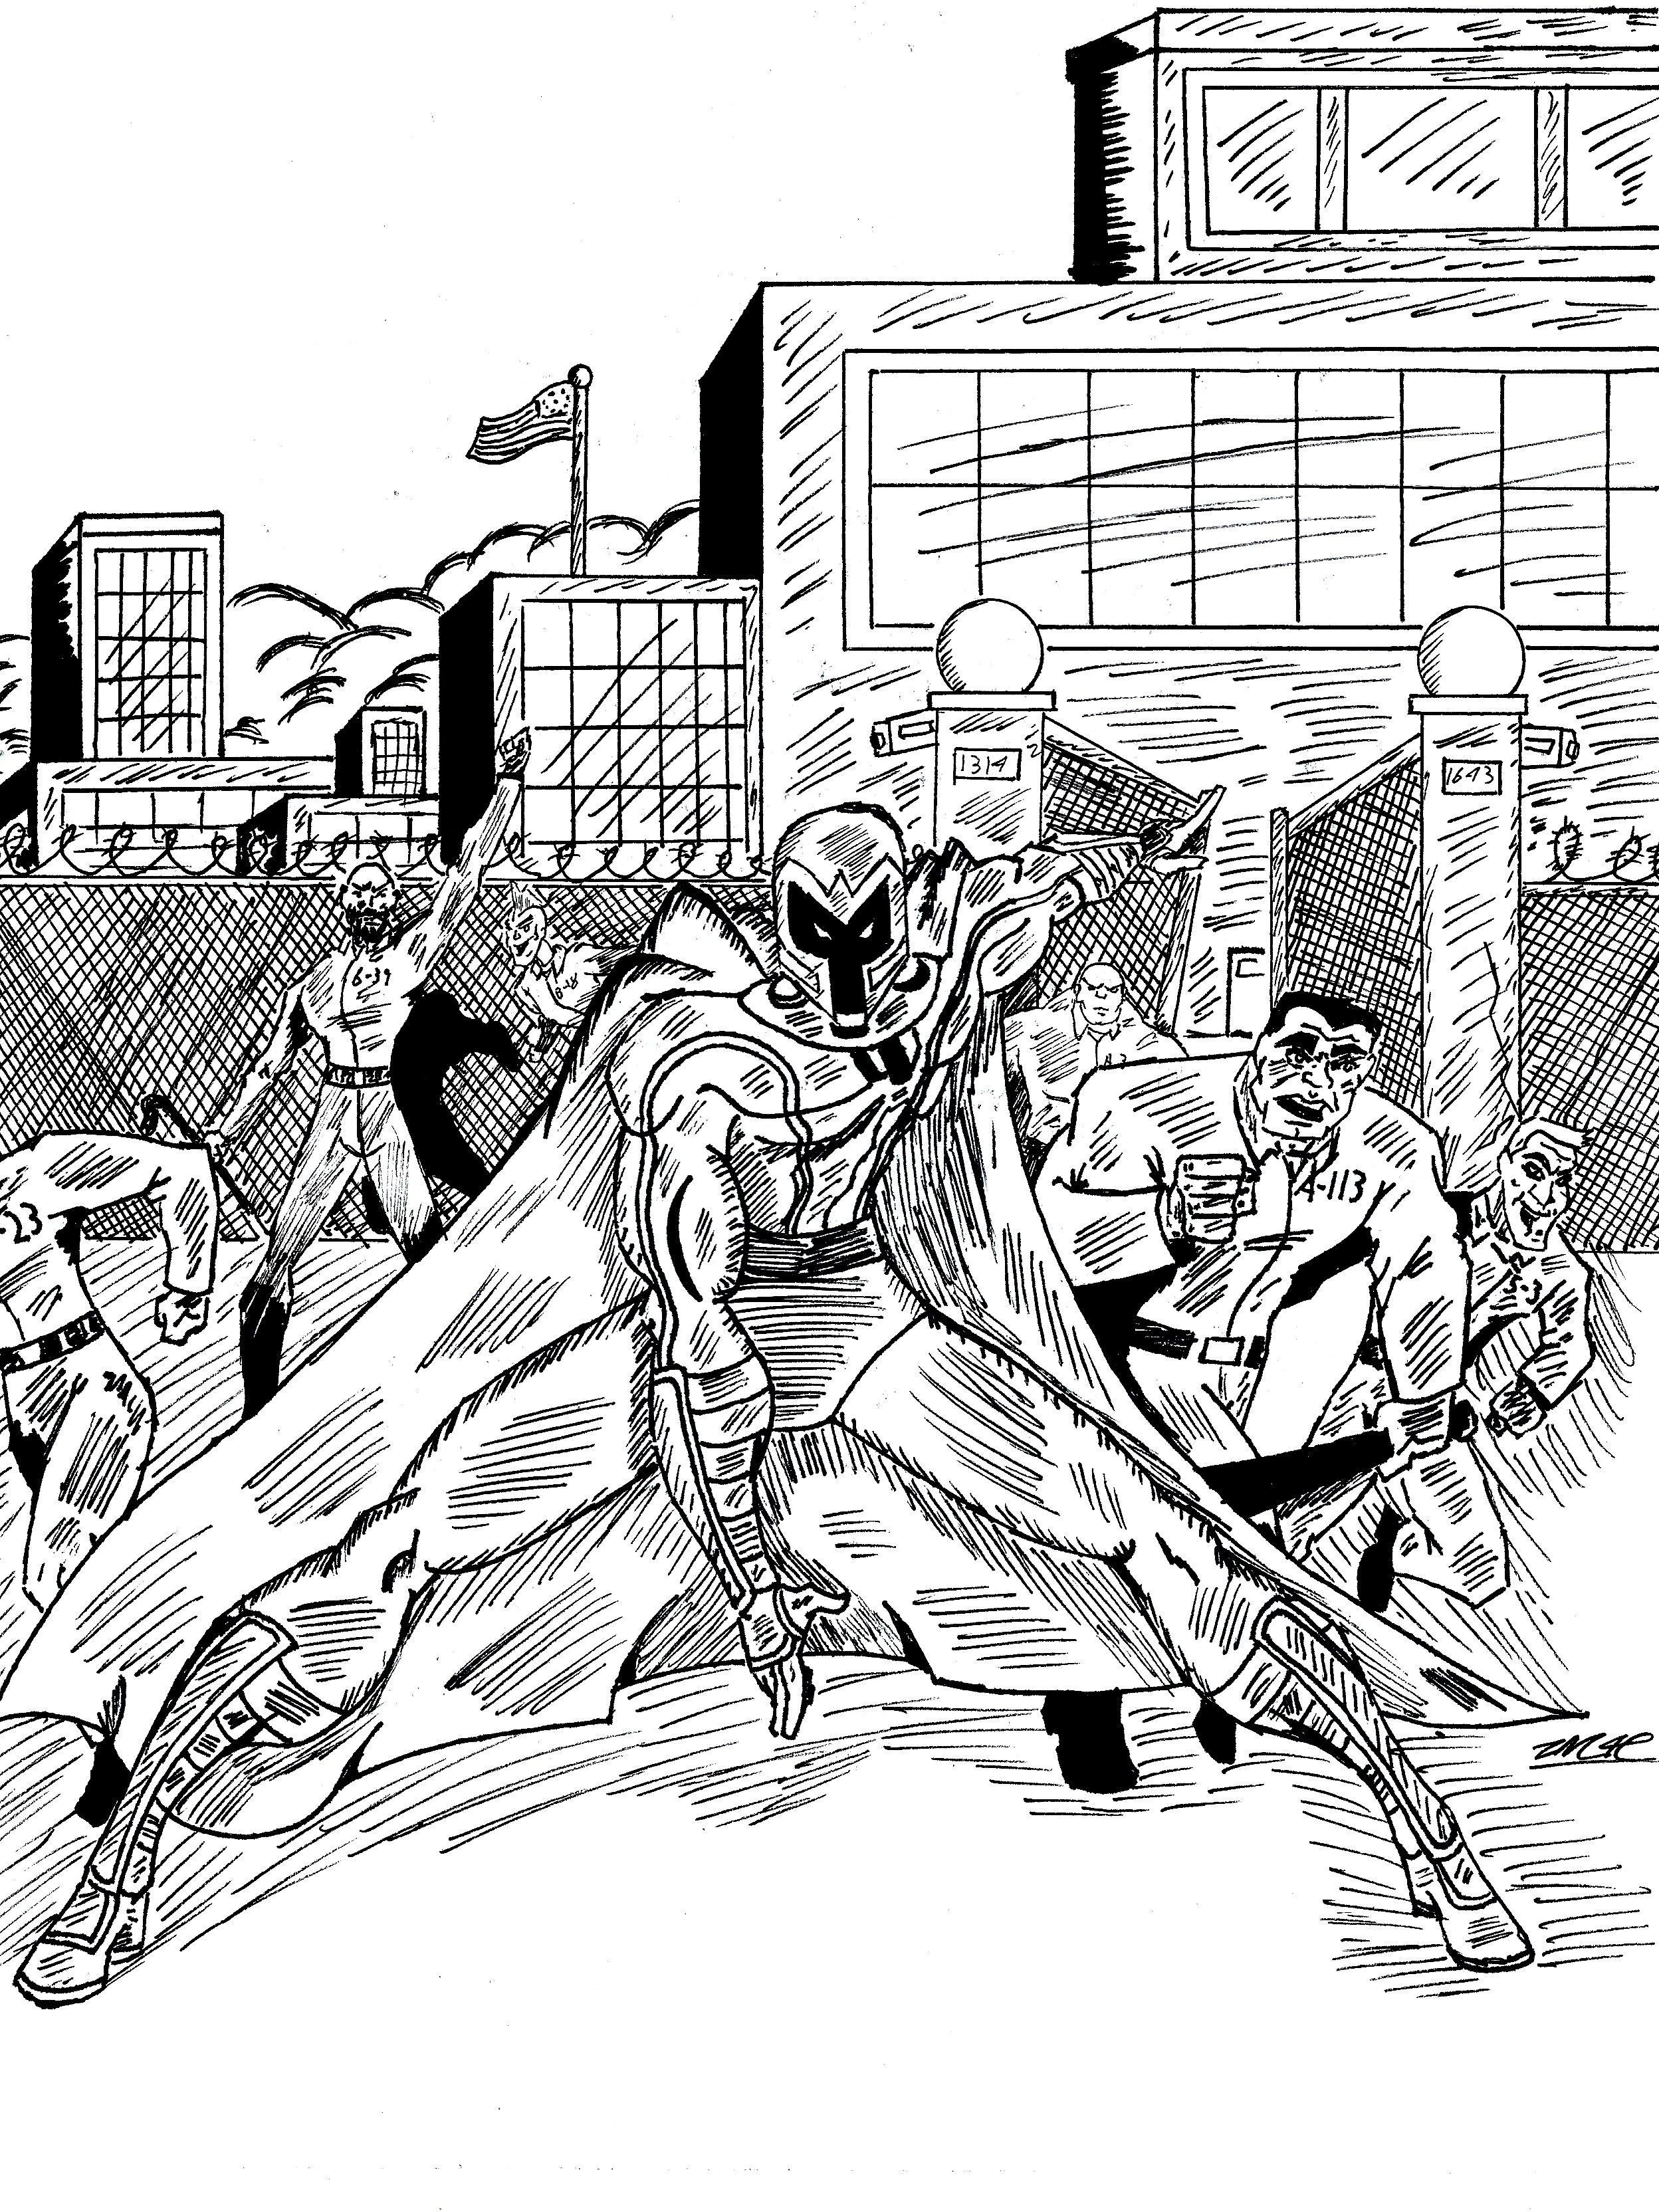 Magneto prison riot